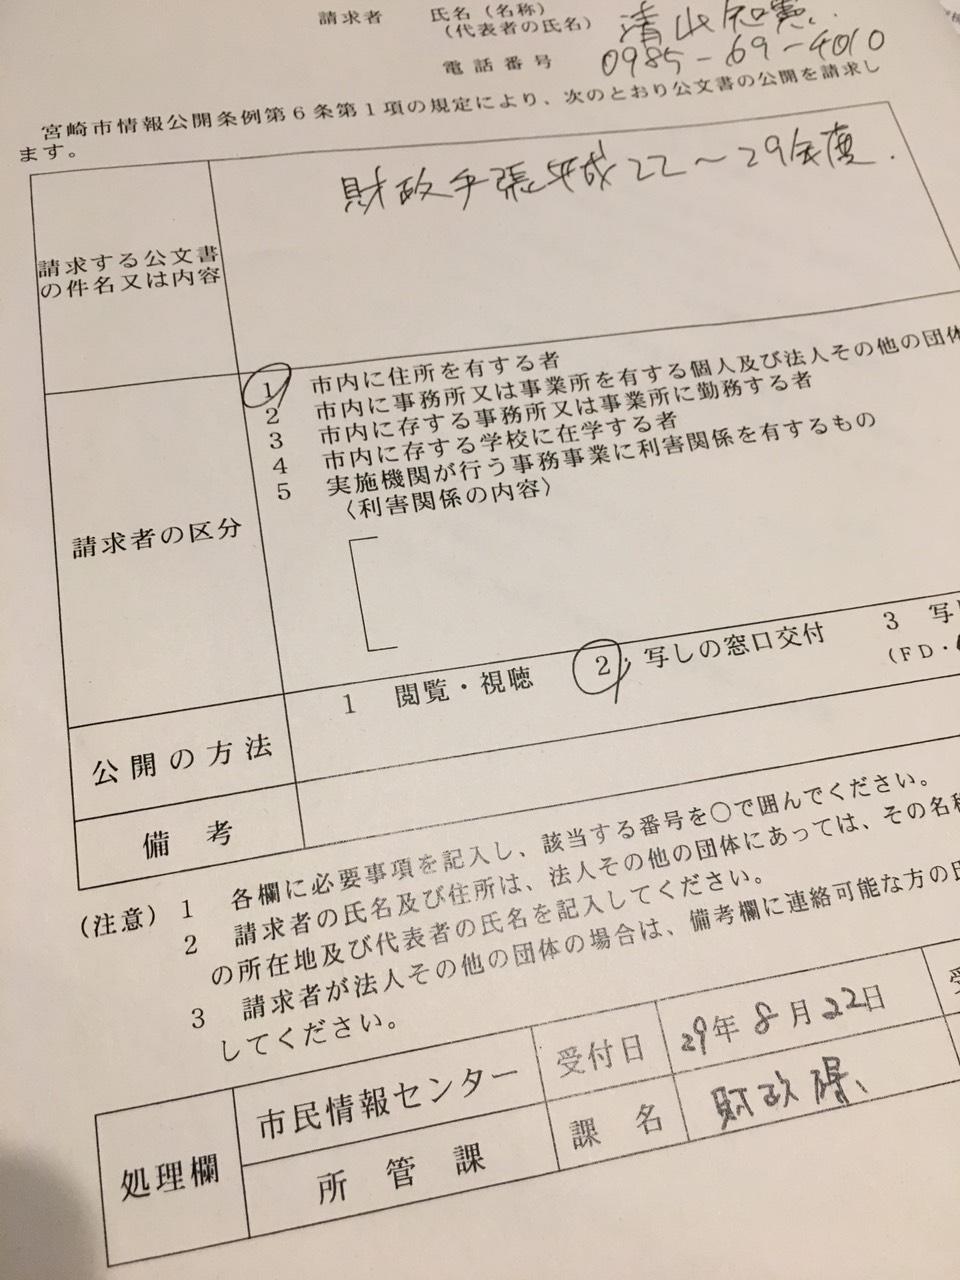 宮崎市選出の県議ですが、宮崎市に情報公開請求に行きました